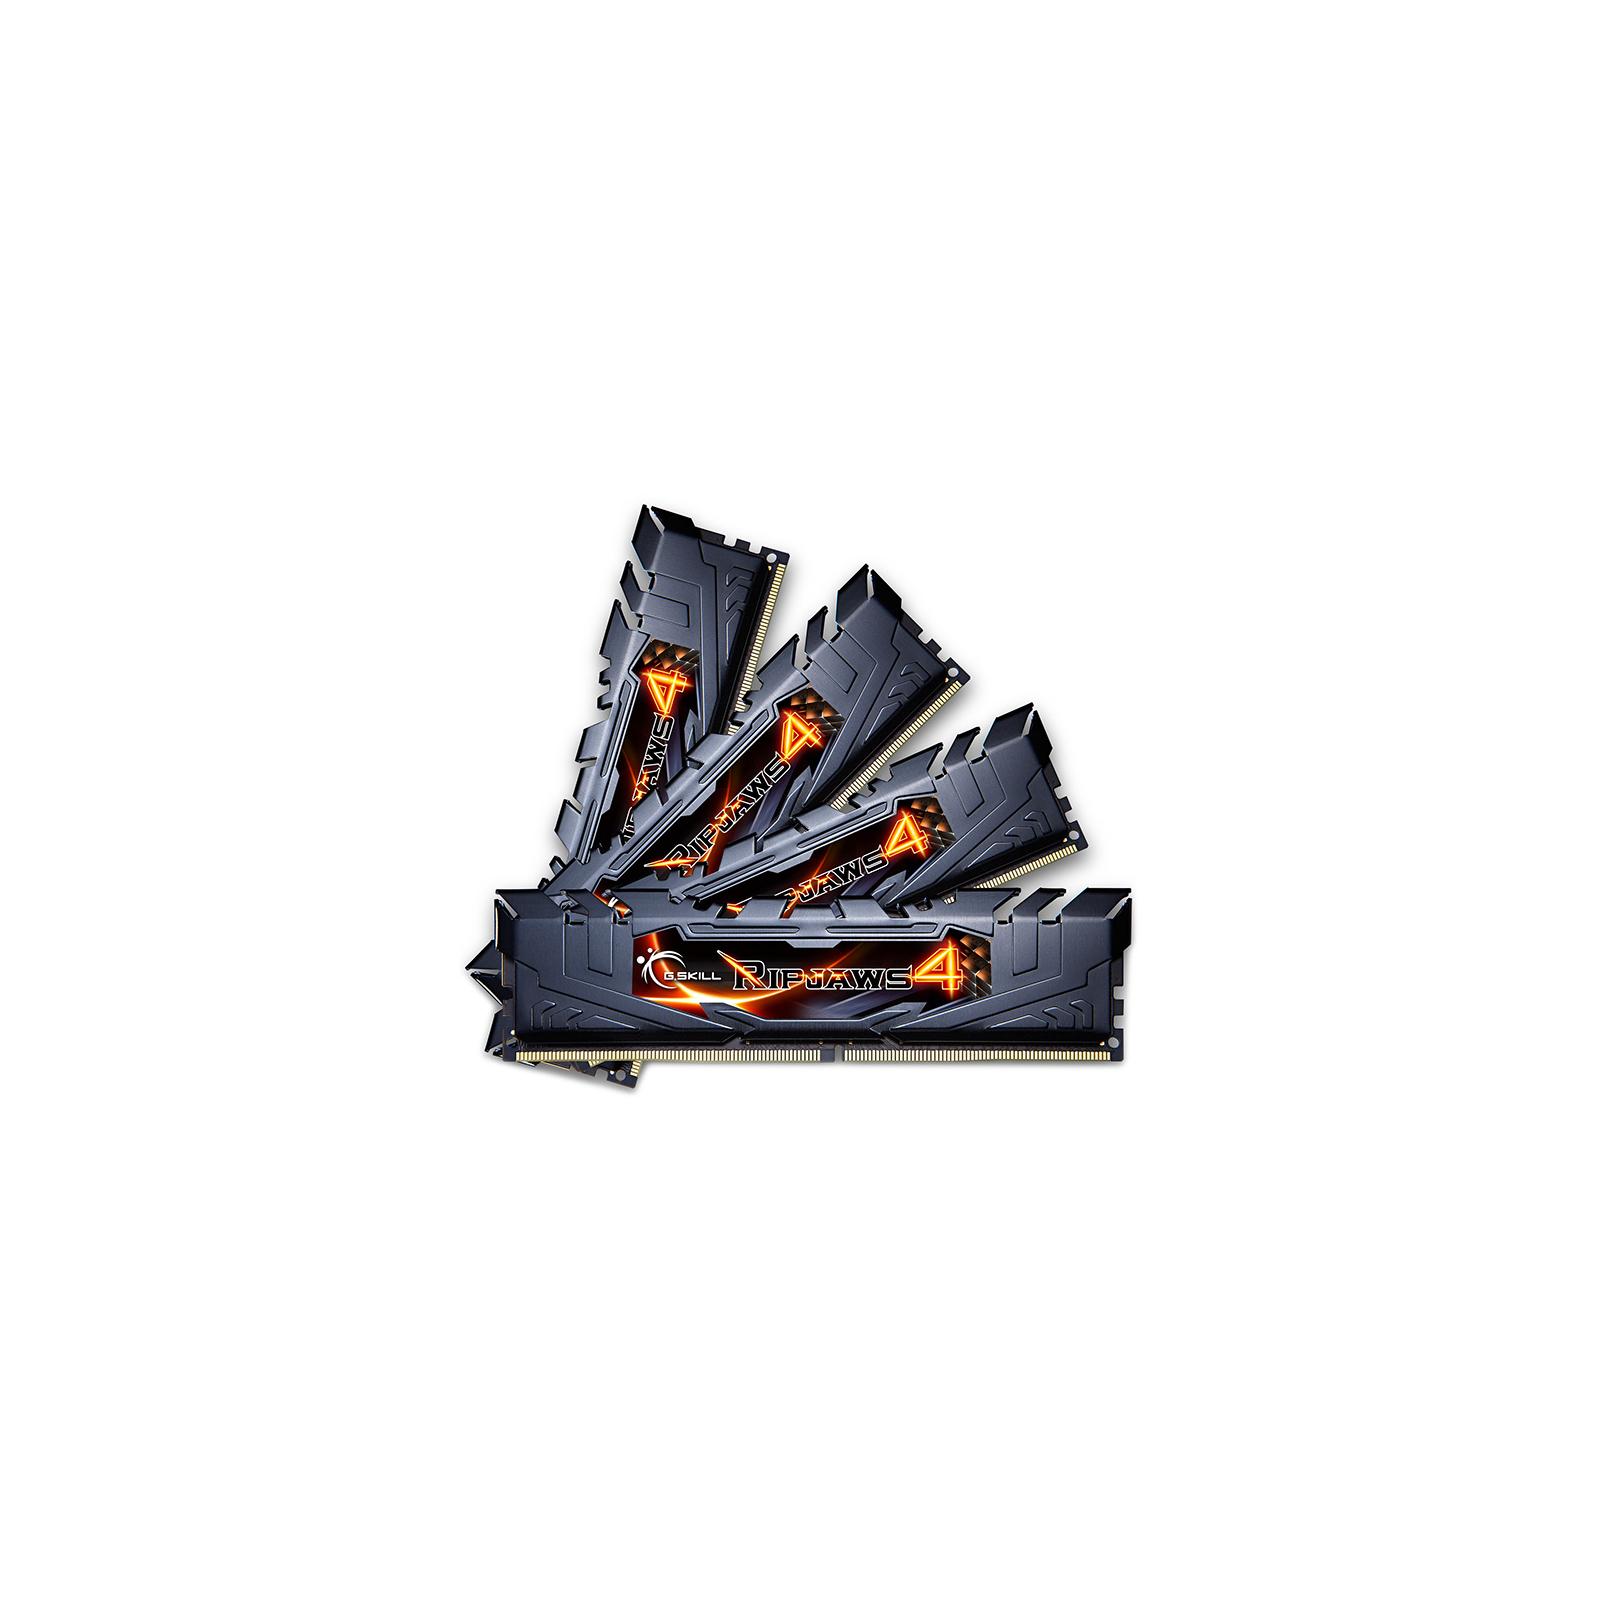 Модуль памяти для компьютера DDR4 16GB (4x4GB) 2400 MHz Ripjaws G.Skill (F4-2400C14Q-16GRK) изображение 2